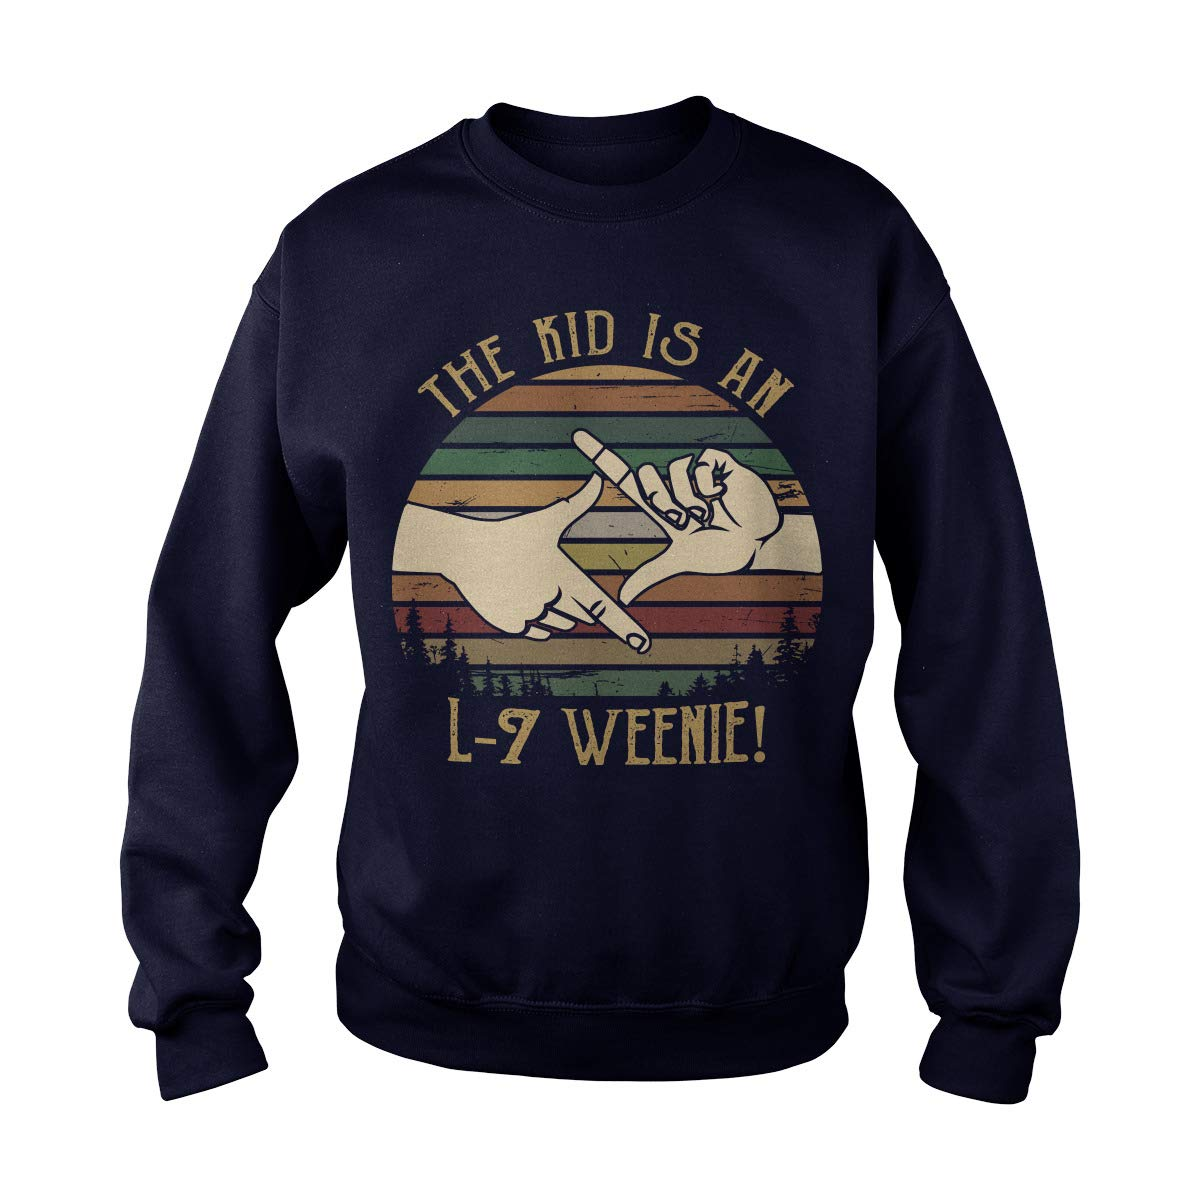 The Kid is an L7 Weenie Vintage Adult Crewneck Sweatshirt